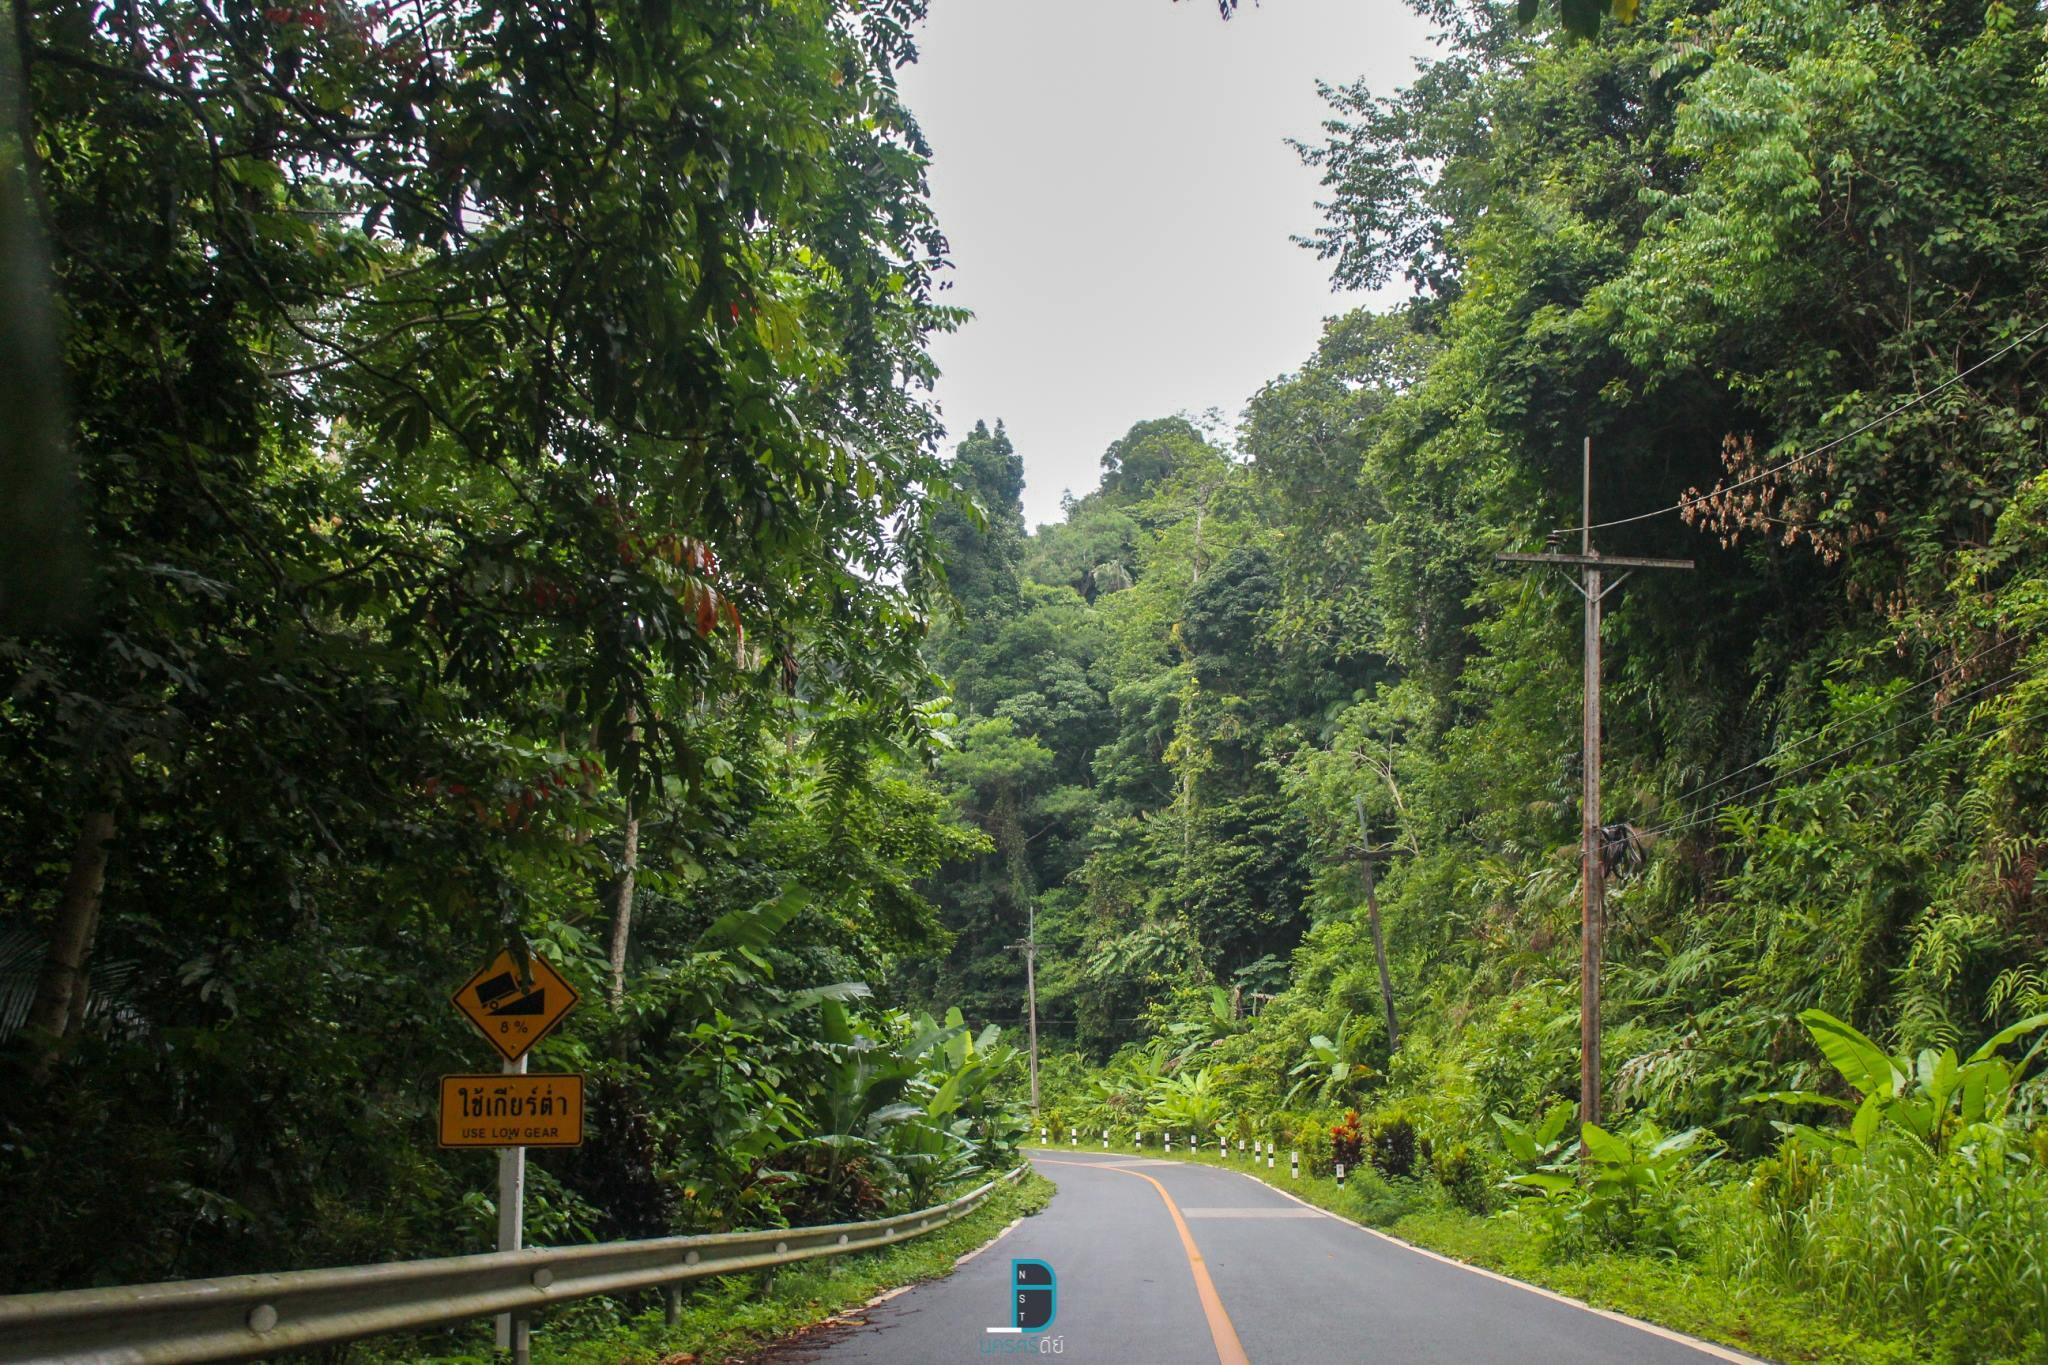 มีเส้นทางป่าเขาเขียวสวยๆ-ให้ขับรถเล่นผจญภัยสูดอากาศกันครับ-จะขับแบบเปิดกระจกหรือไม่เปิดกระจกก็ฟินเหมือนกันครับ พิกัด-:-ตำบลน้ำตก-ทุ่งสง นครศรีธรรมราช,มีอะไรบ้าง,สถานที่ท่องเที่ยว,ร้านอร่อย,ของกิน